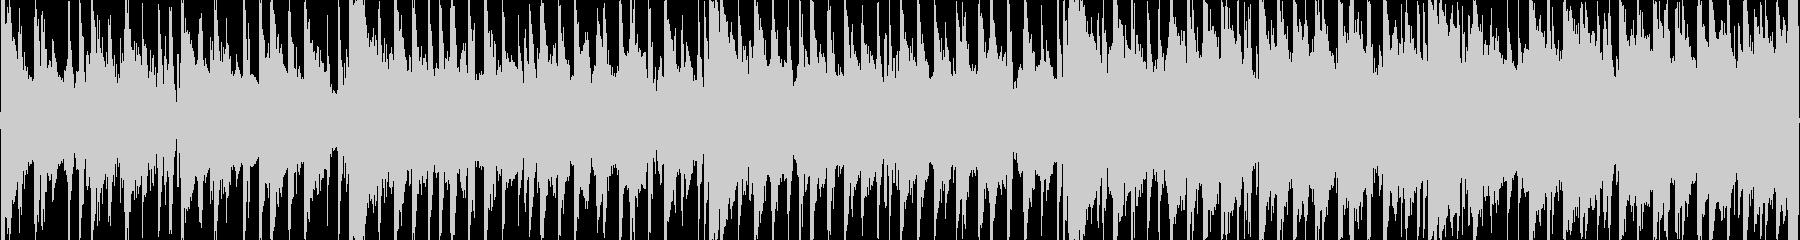 ELEKTRON MONOMACHIN…の未再生の波形